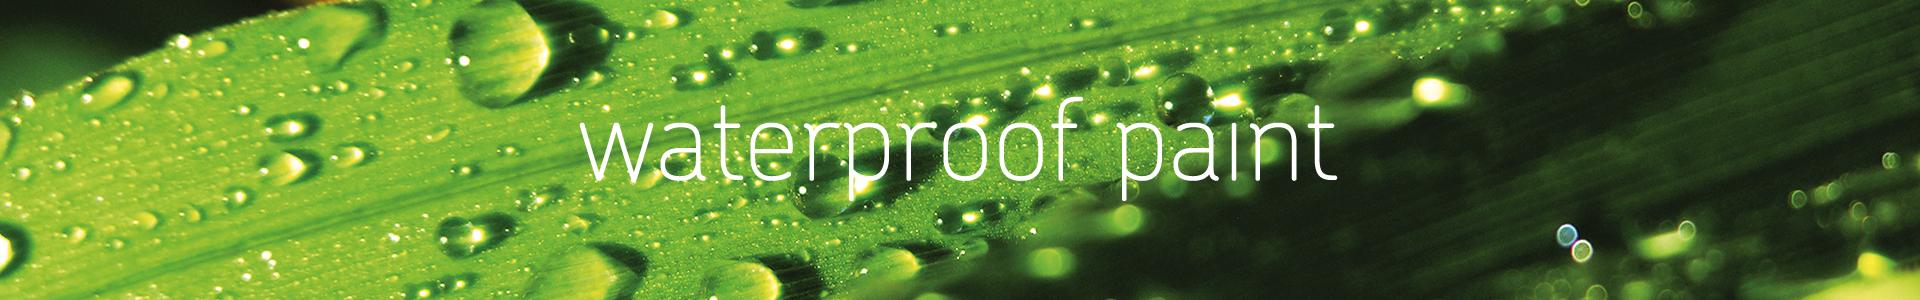 Pimasa Waterproof paint